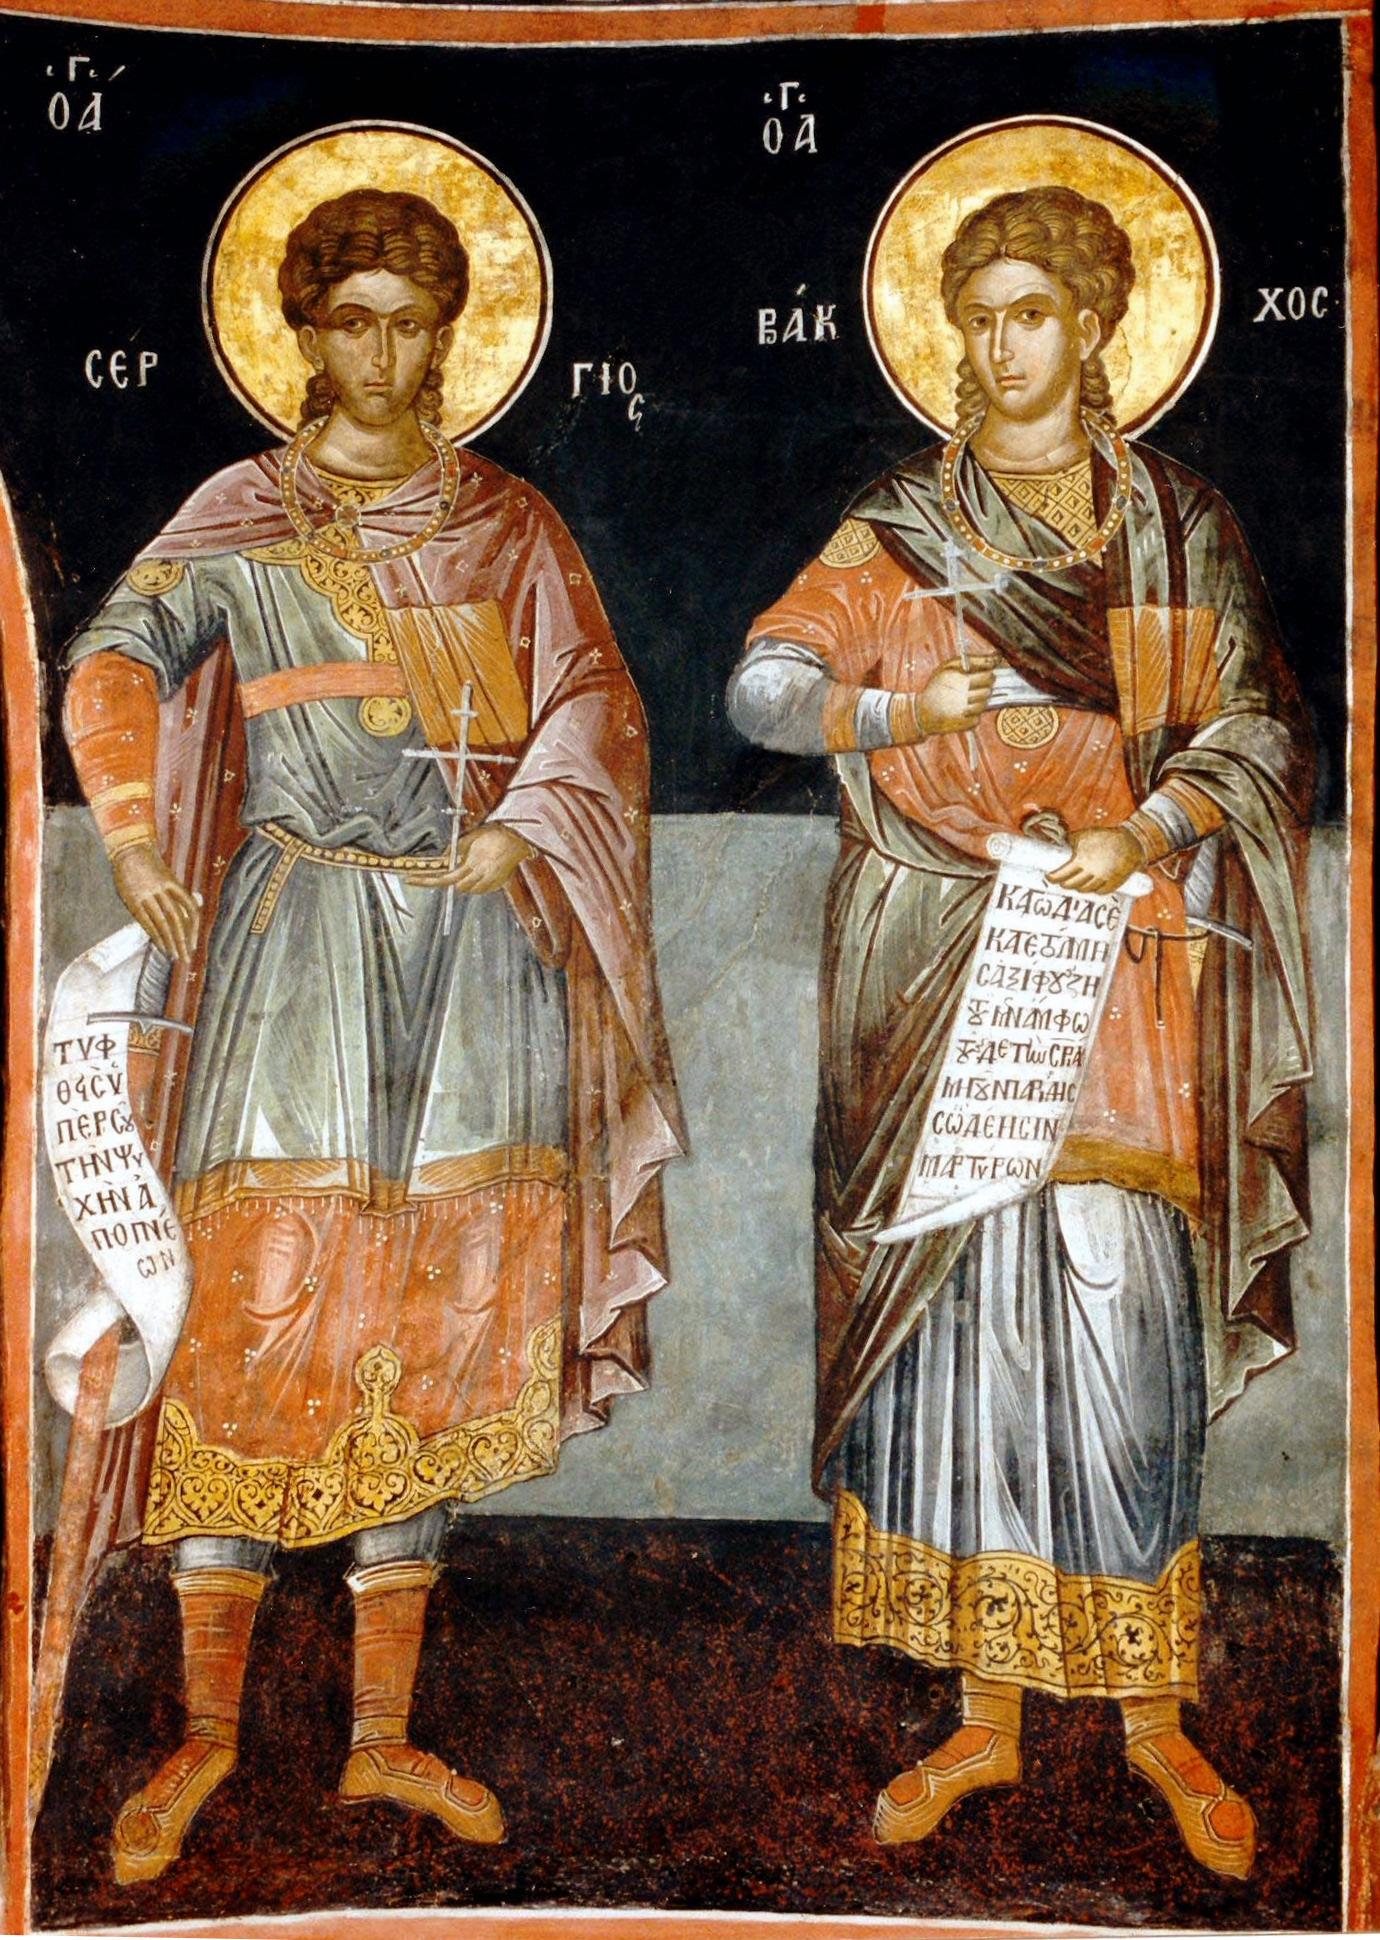 Άγιοι Σέργιος και Βάκχος Μάρτυρες